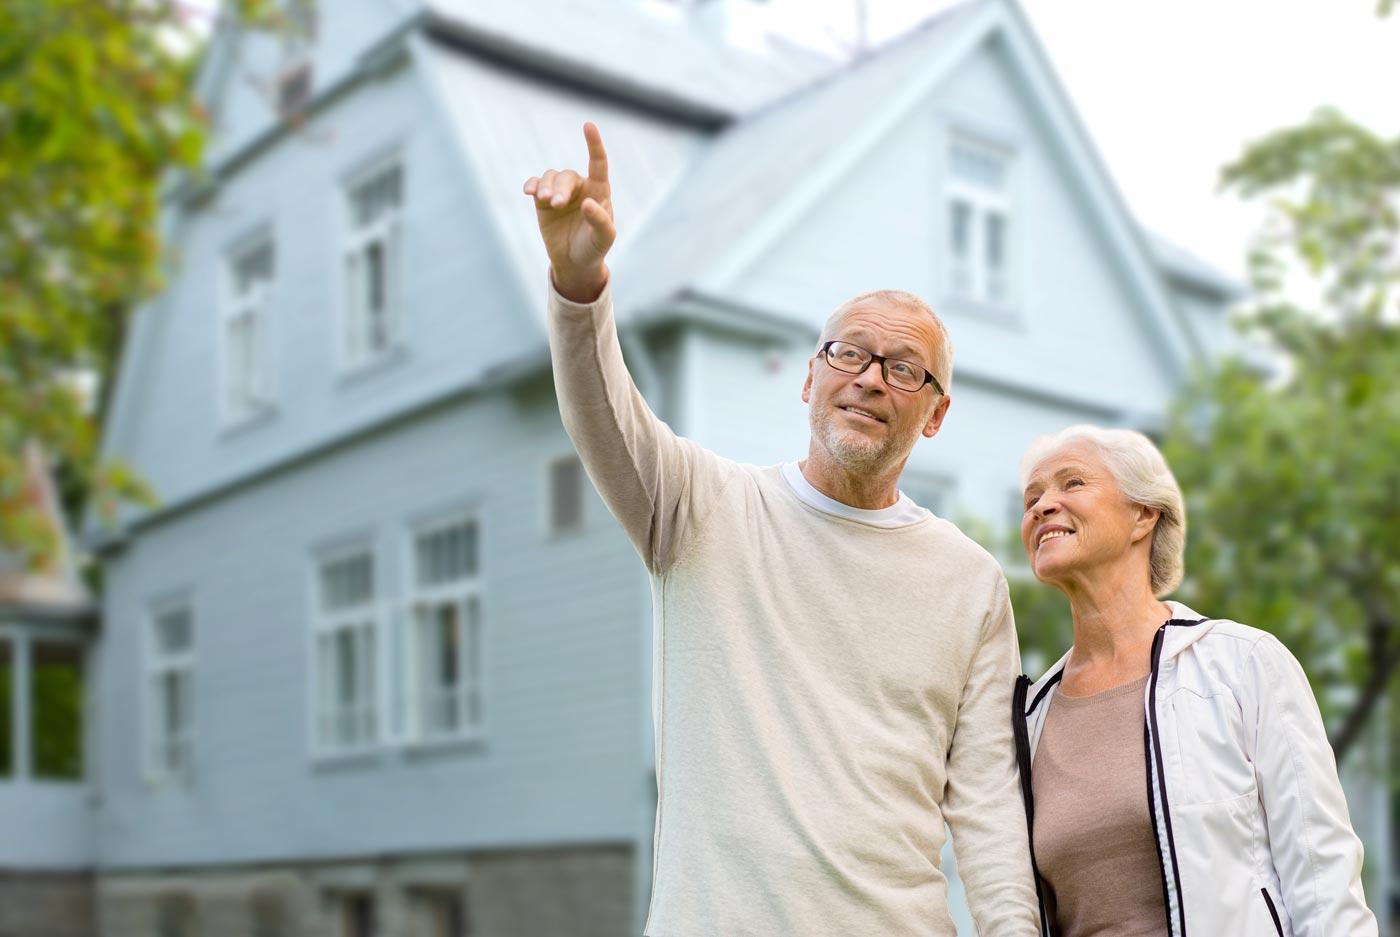 Immobilie im Alter: Verkaufen oder vermieten?